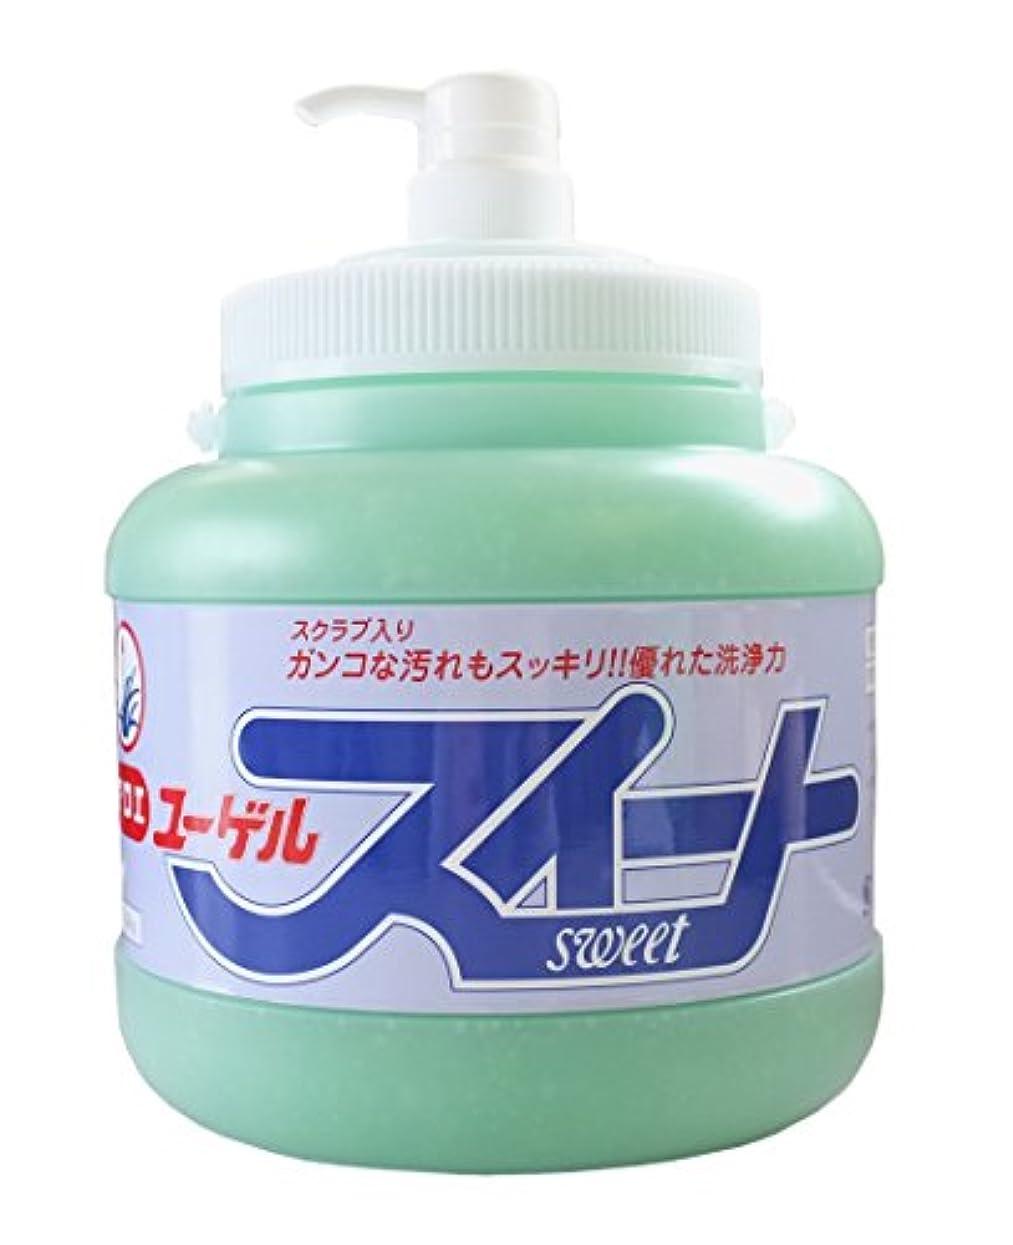 致命的な楽な承認する手の汚れや臭いを水なしで素早く落とす新洗剤。スクラブでガンコな油汚れもサッと落とす!ユーゲルスイート[ポンプ式]2.5kg×1本